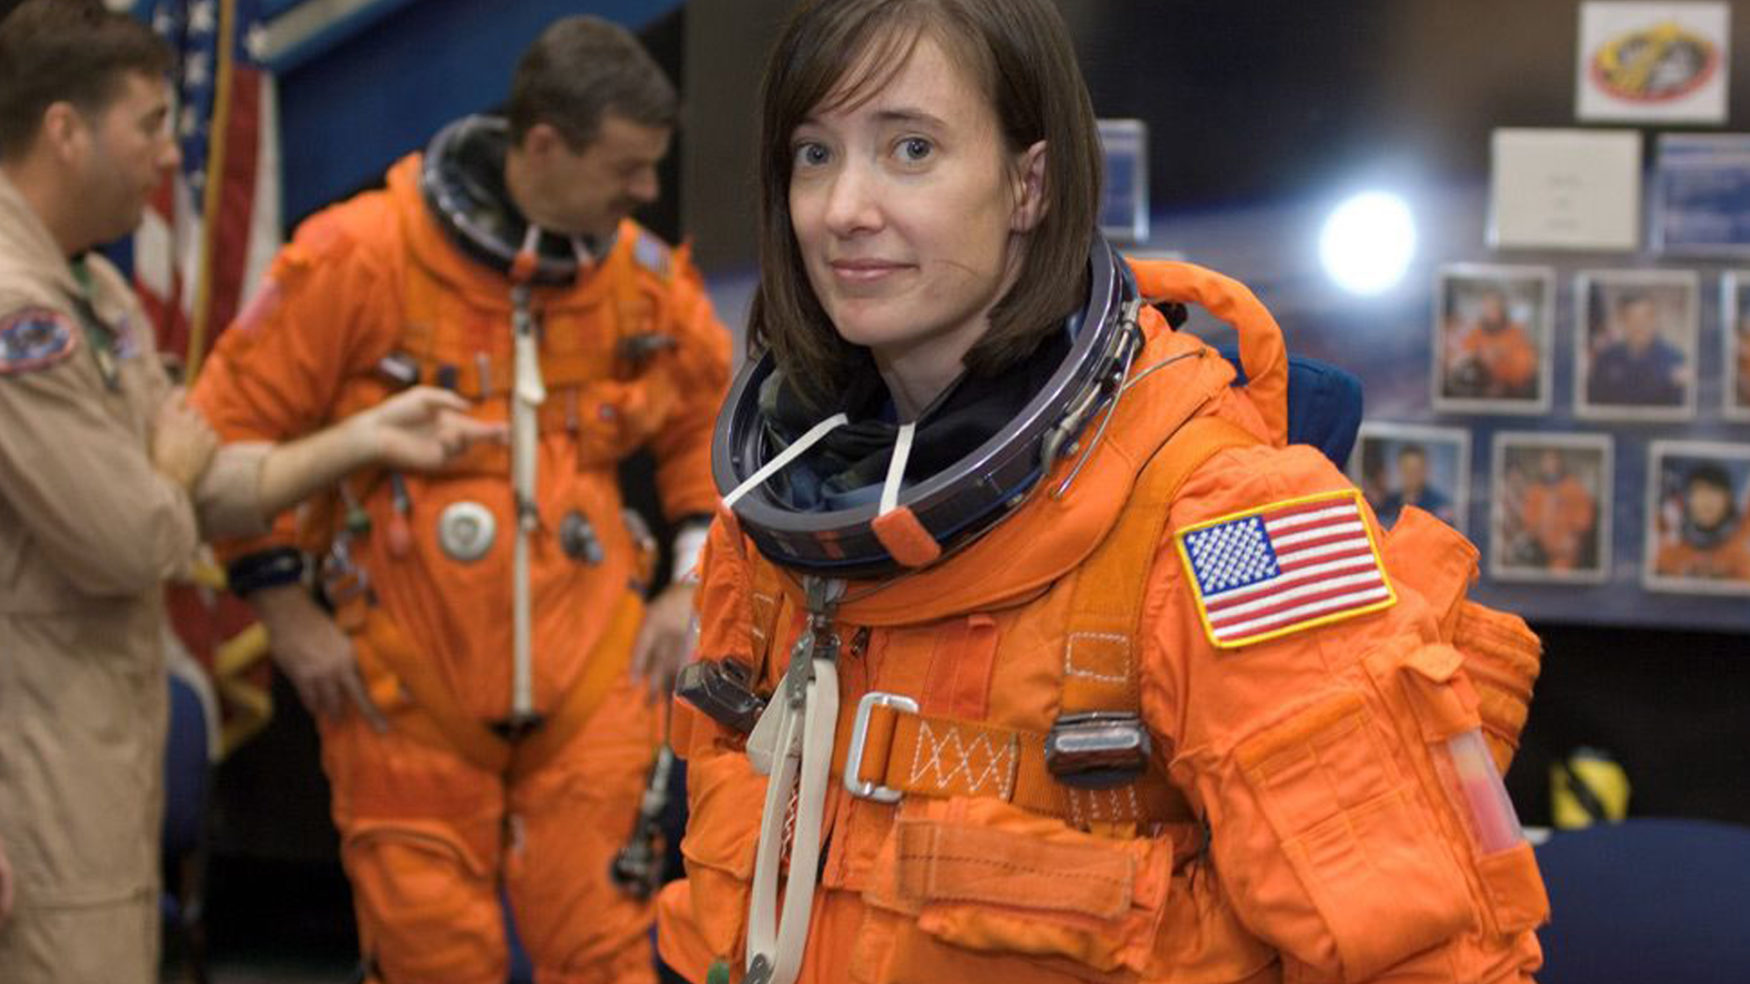 TAILGATE LIKE A NASA ASTRONAUT